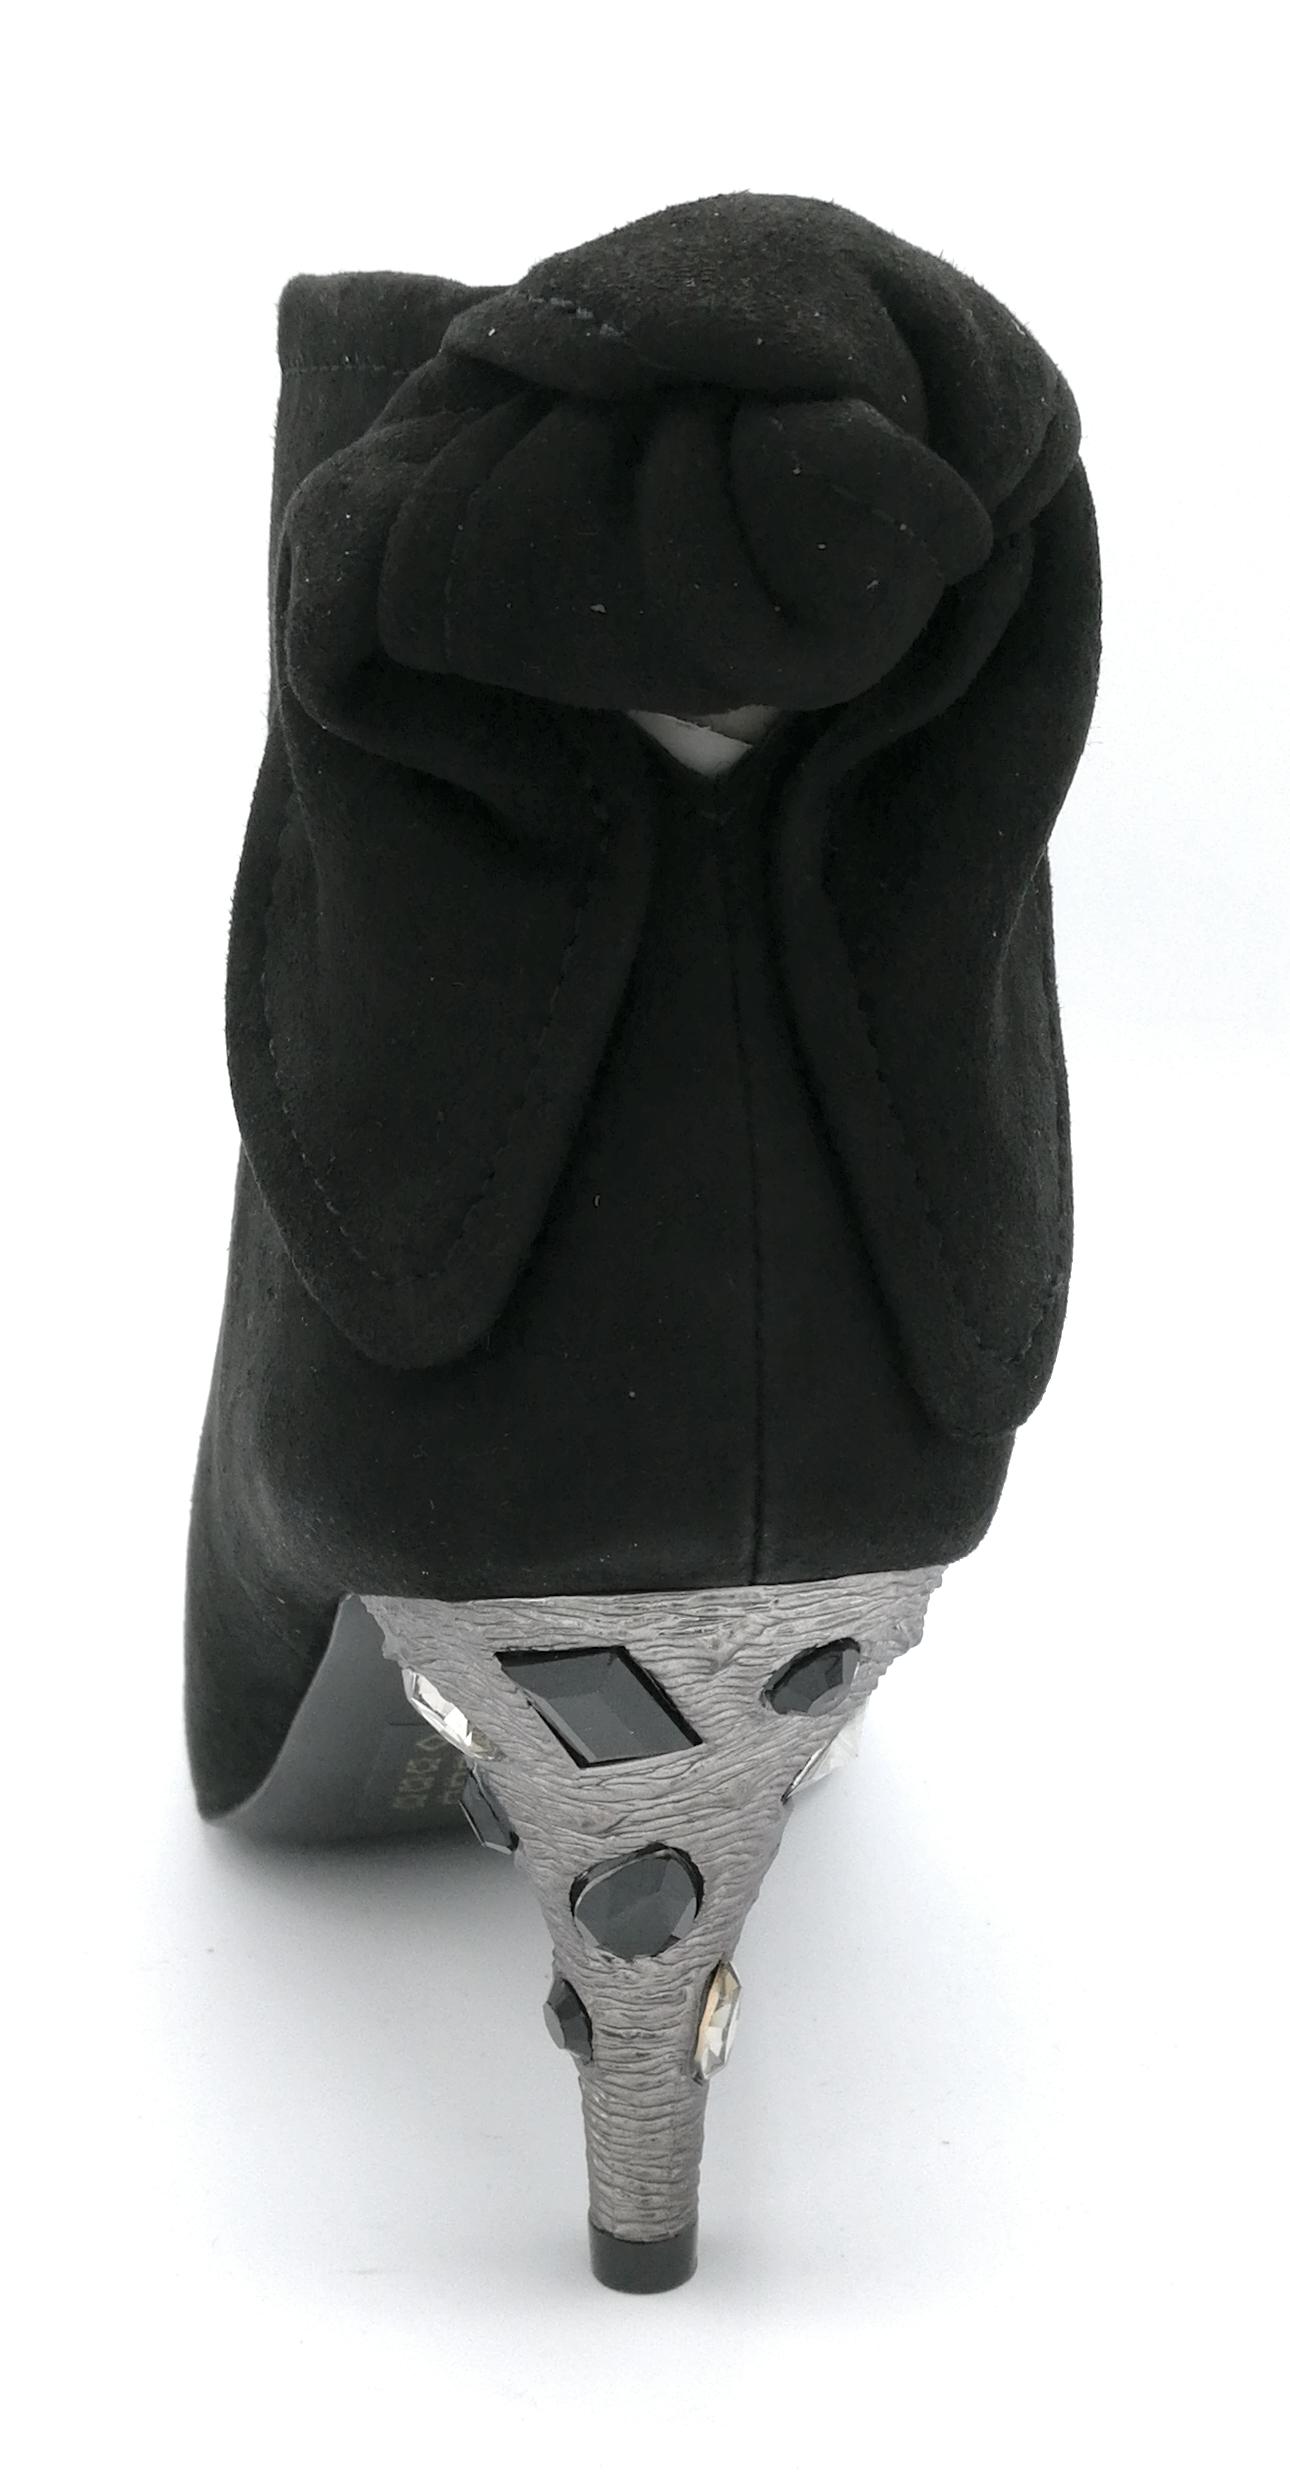 Bruno Premi U0603 stivaletto camoscio nero cerniera cerniera cerniera tacco metal cristalli 6cm 019f83